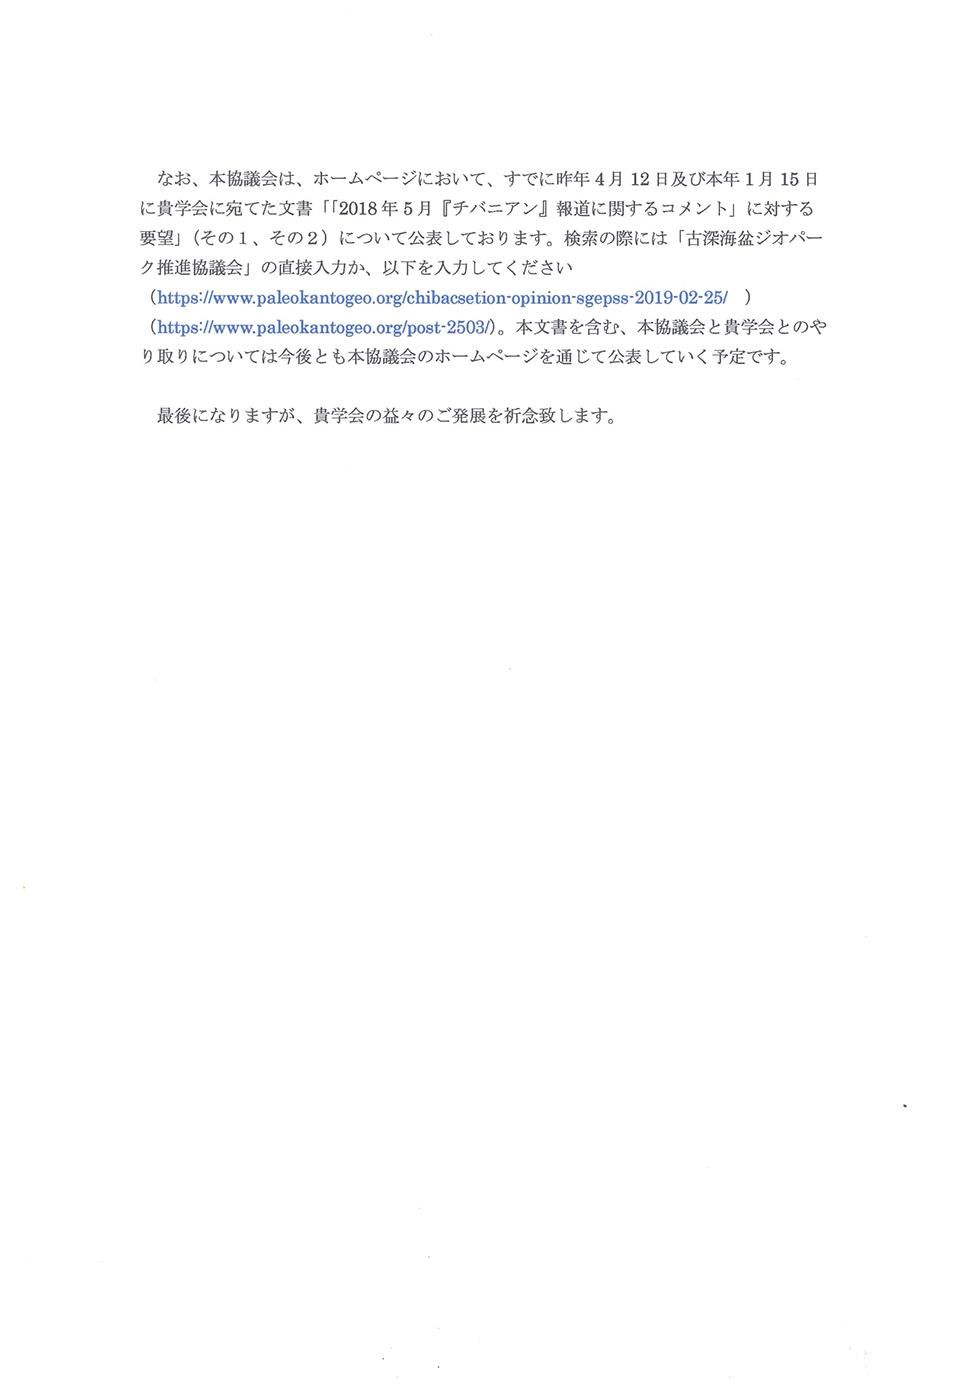 地球電磁気・地球惑星圏学会への「チバニアン」申請に関連した質問と要望について期限を切って回答のお願い